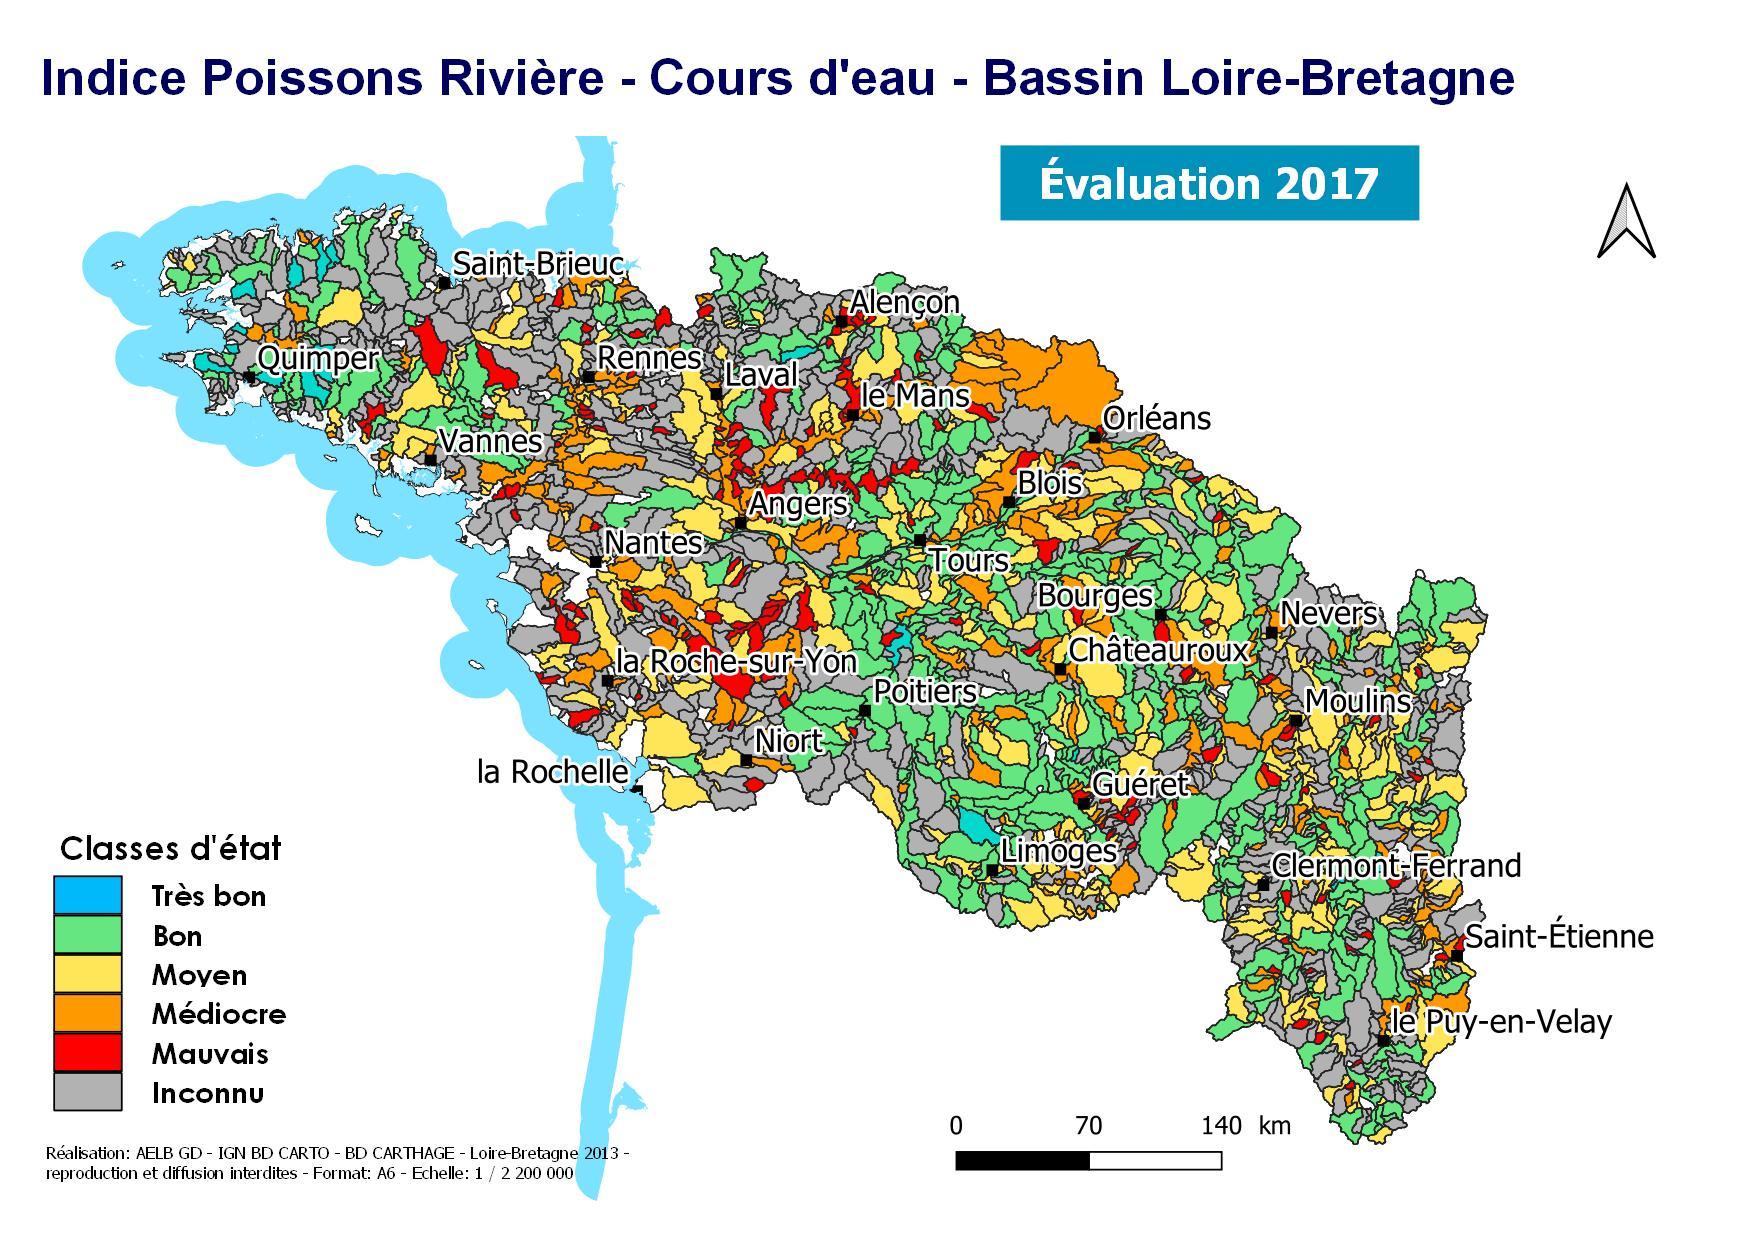 Évaluation 2017 pour l'indice poissons de l'état des cours d'eau